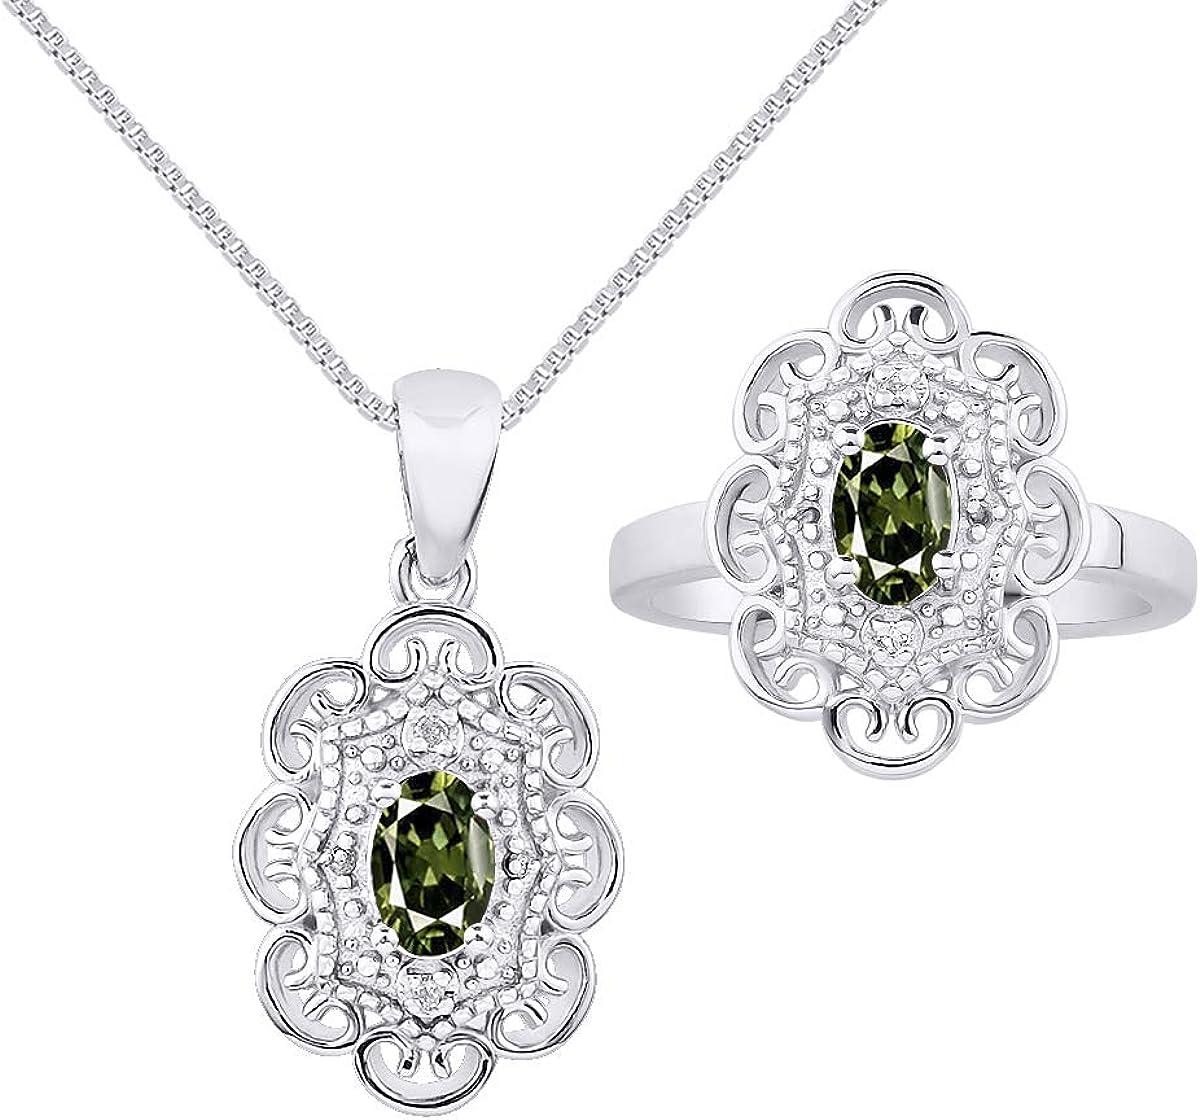 RYLOS - Collar con colgante de halo con patrón floral y anillo a juego, forma ovalada, piedra preciosa y diamantes brillantes auténticos en plata de ley 925-6 x 4 mm esmeralda, rubí y zafiro